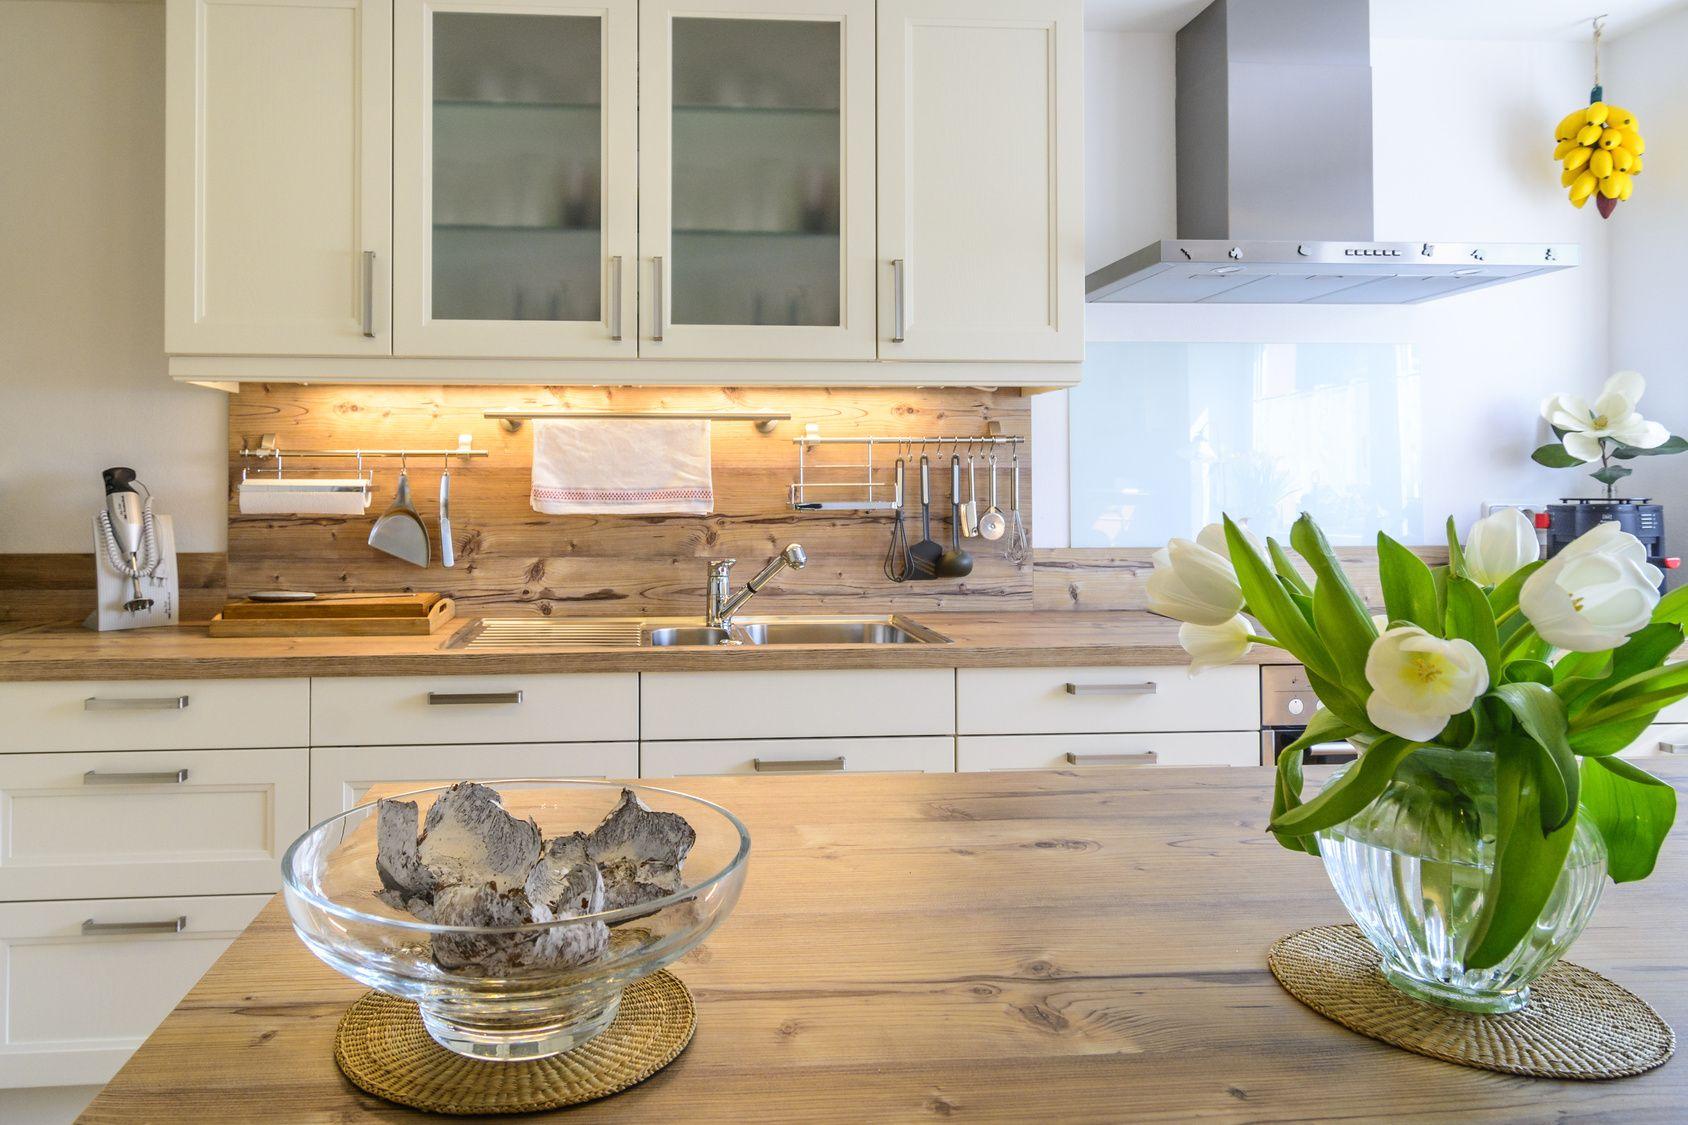 2 kücheninsel-ideen moderne landhausstilküche mit großzügiger kücheninsel  küche